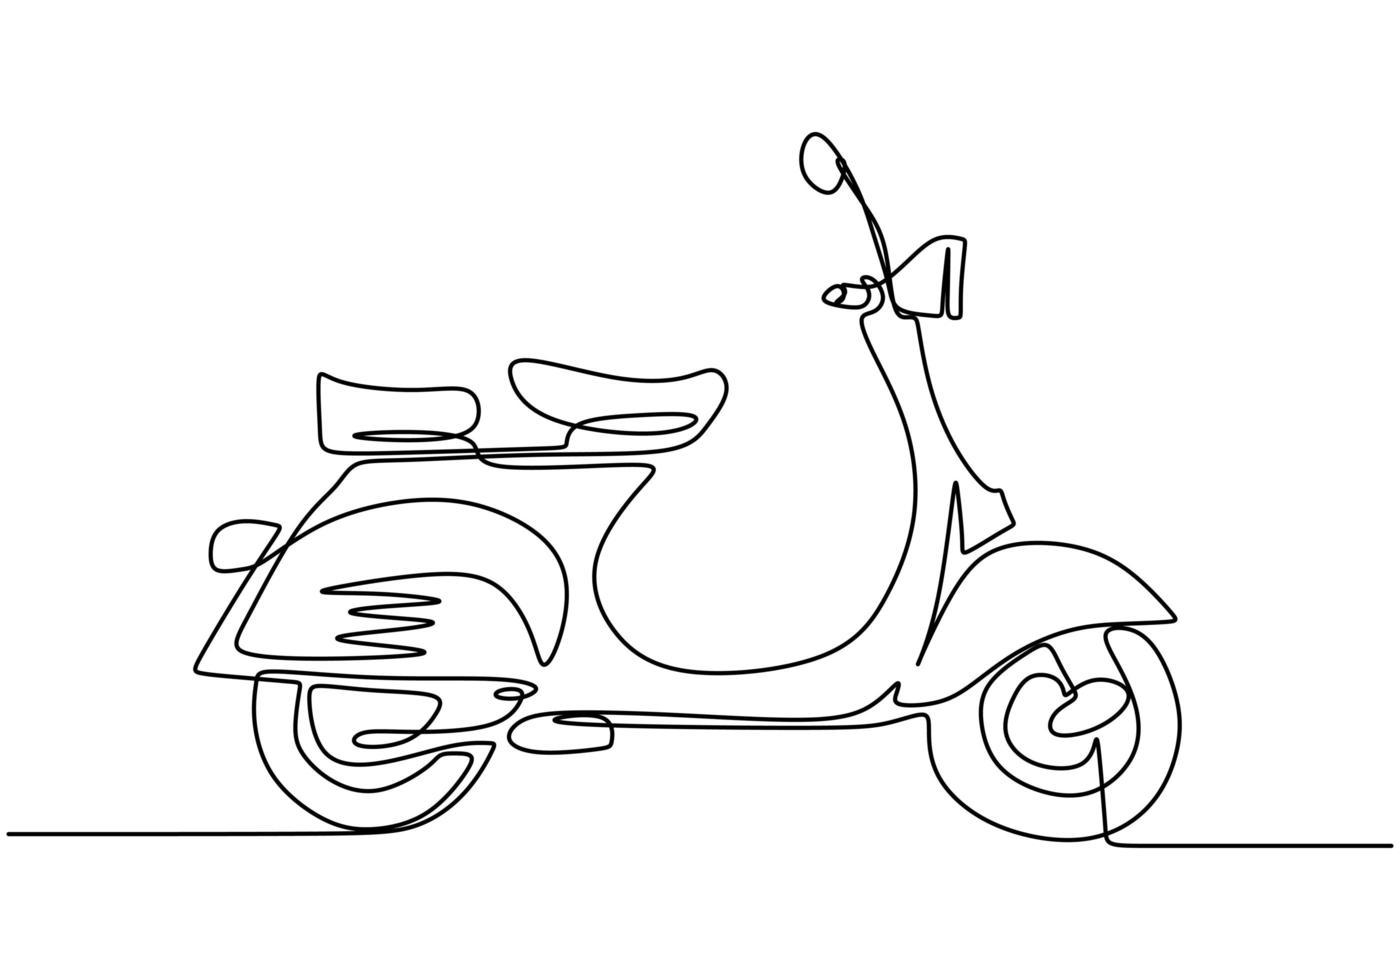 klassieke scooter. doorlopende één regel kunst klassieke scooter motorfiets vectorillustratie geïsoleerd op een witte achtergrond. vector